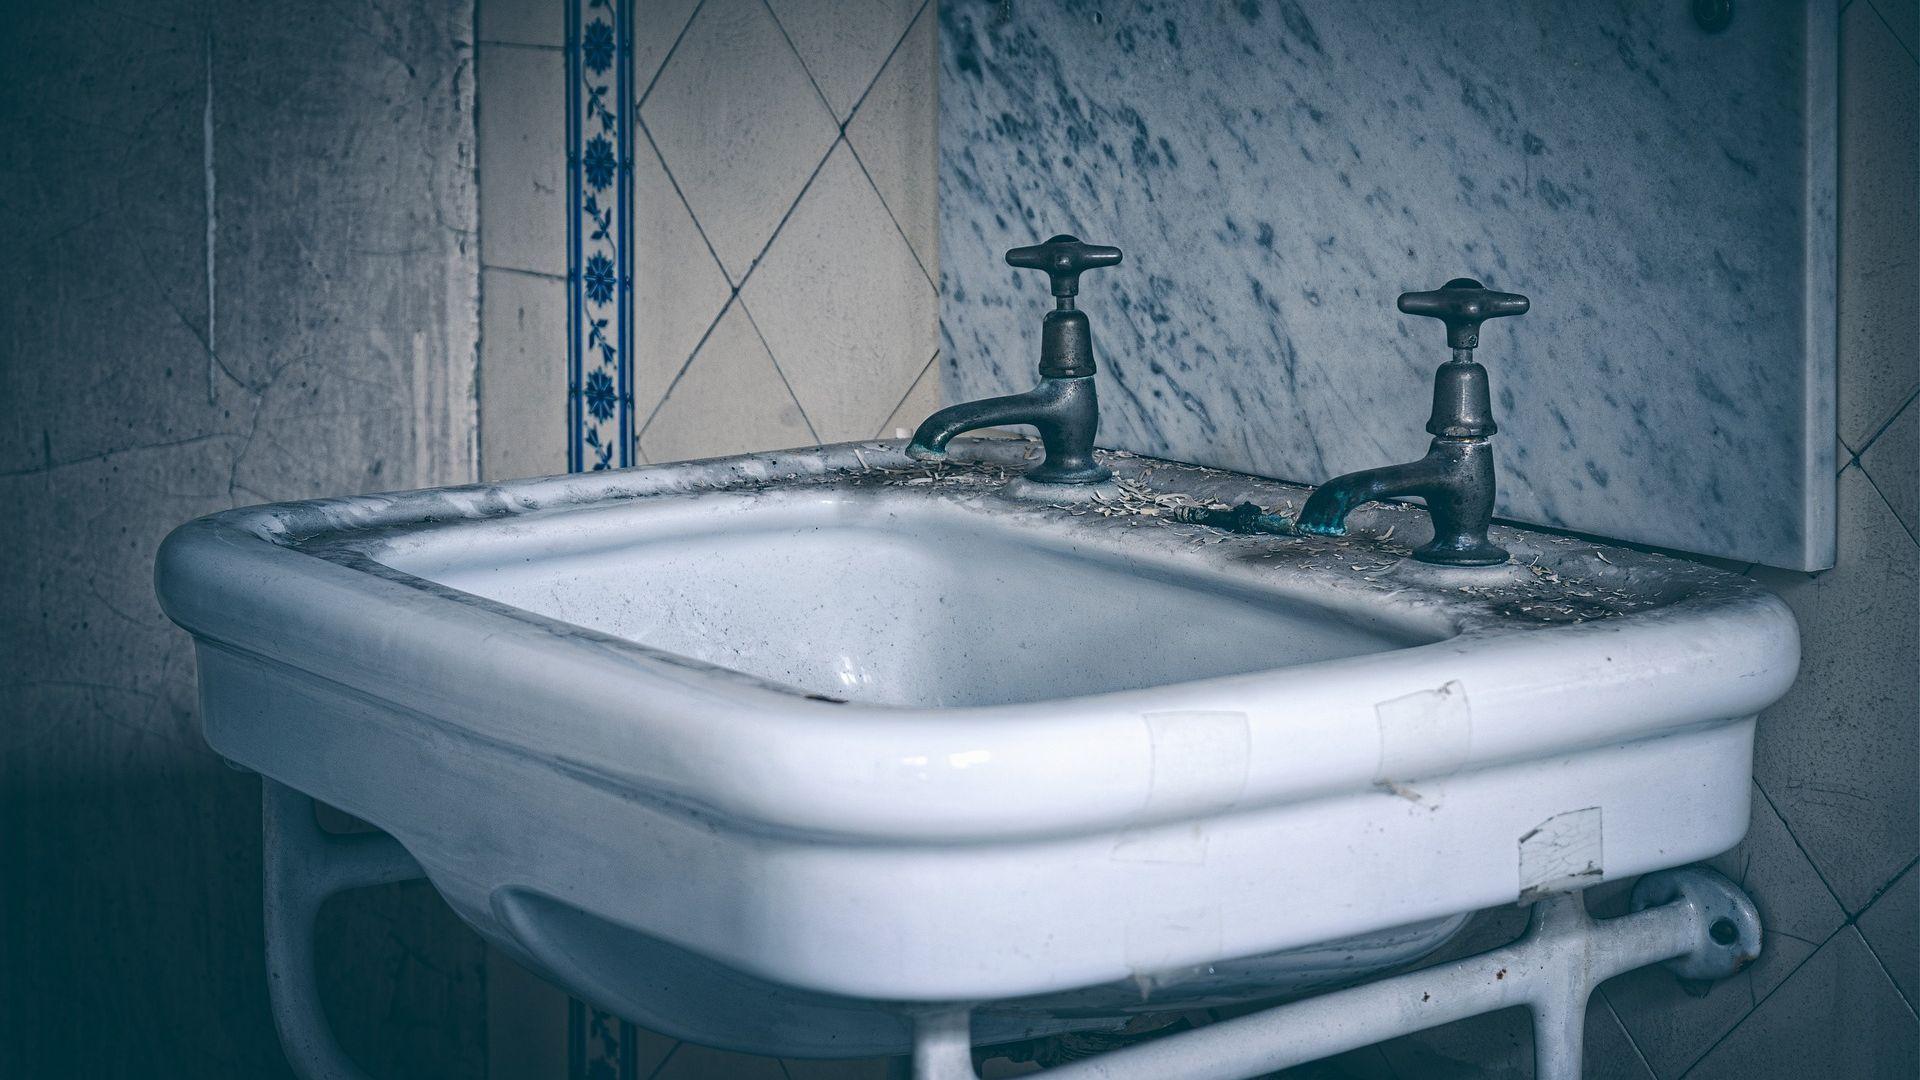 Waschbecken tauschen: Wir zeigen Ihnen, worauf Sie bei der Montage achten sollten.